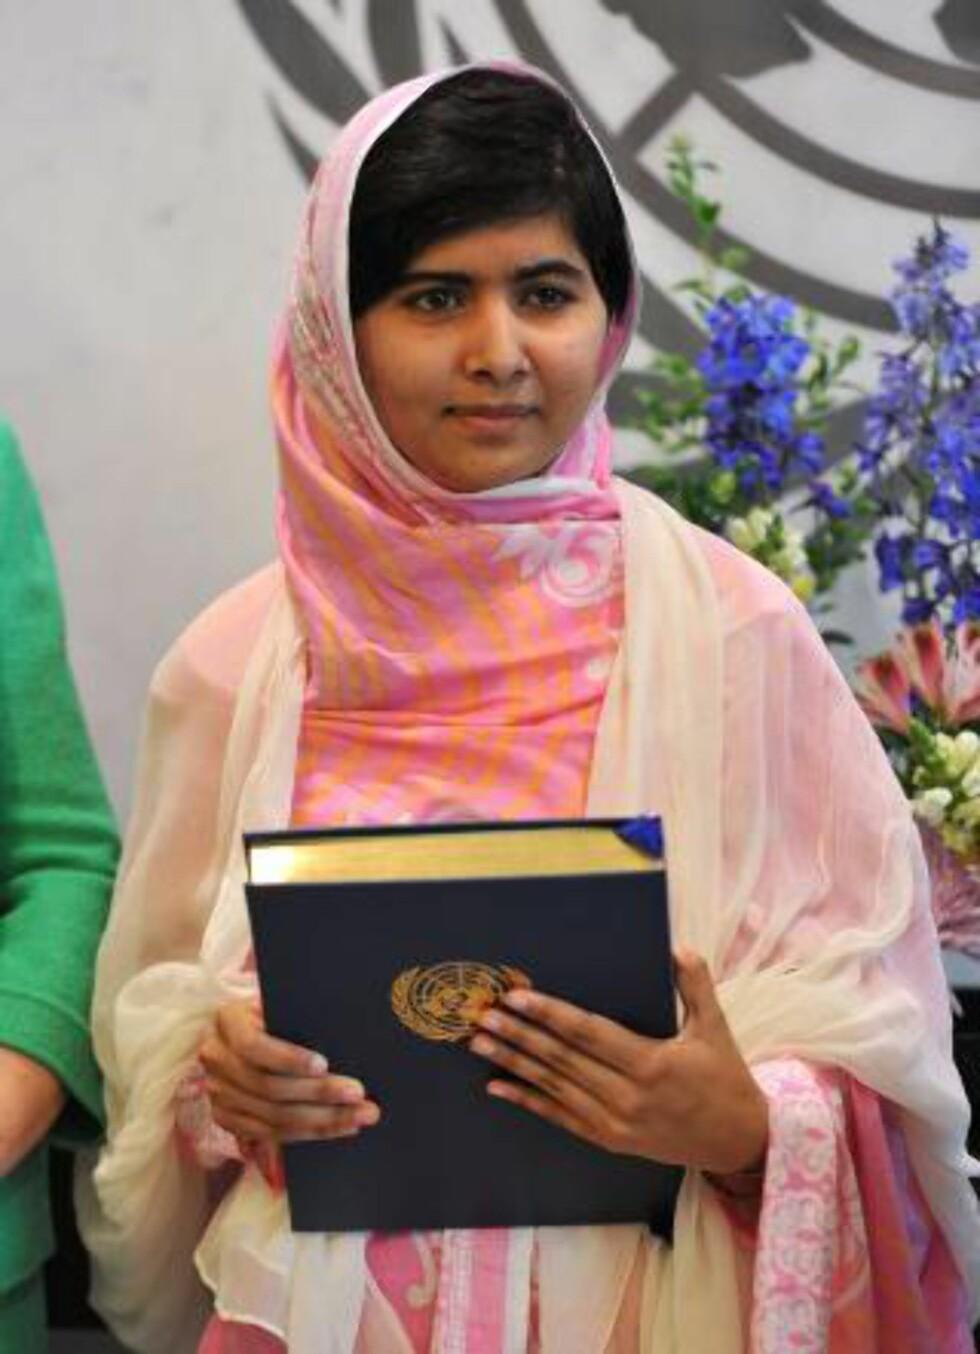 HISTORISK TALE:  Under ett år etter at hun ble skutt, på sin egen 16-årsdag, holdt Malala en tale i FN. Foto: Stan Honda / AFP / Scanpix